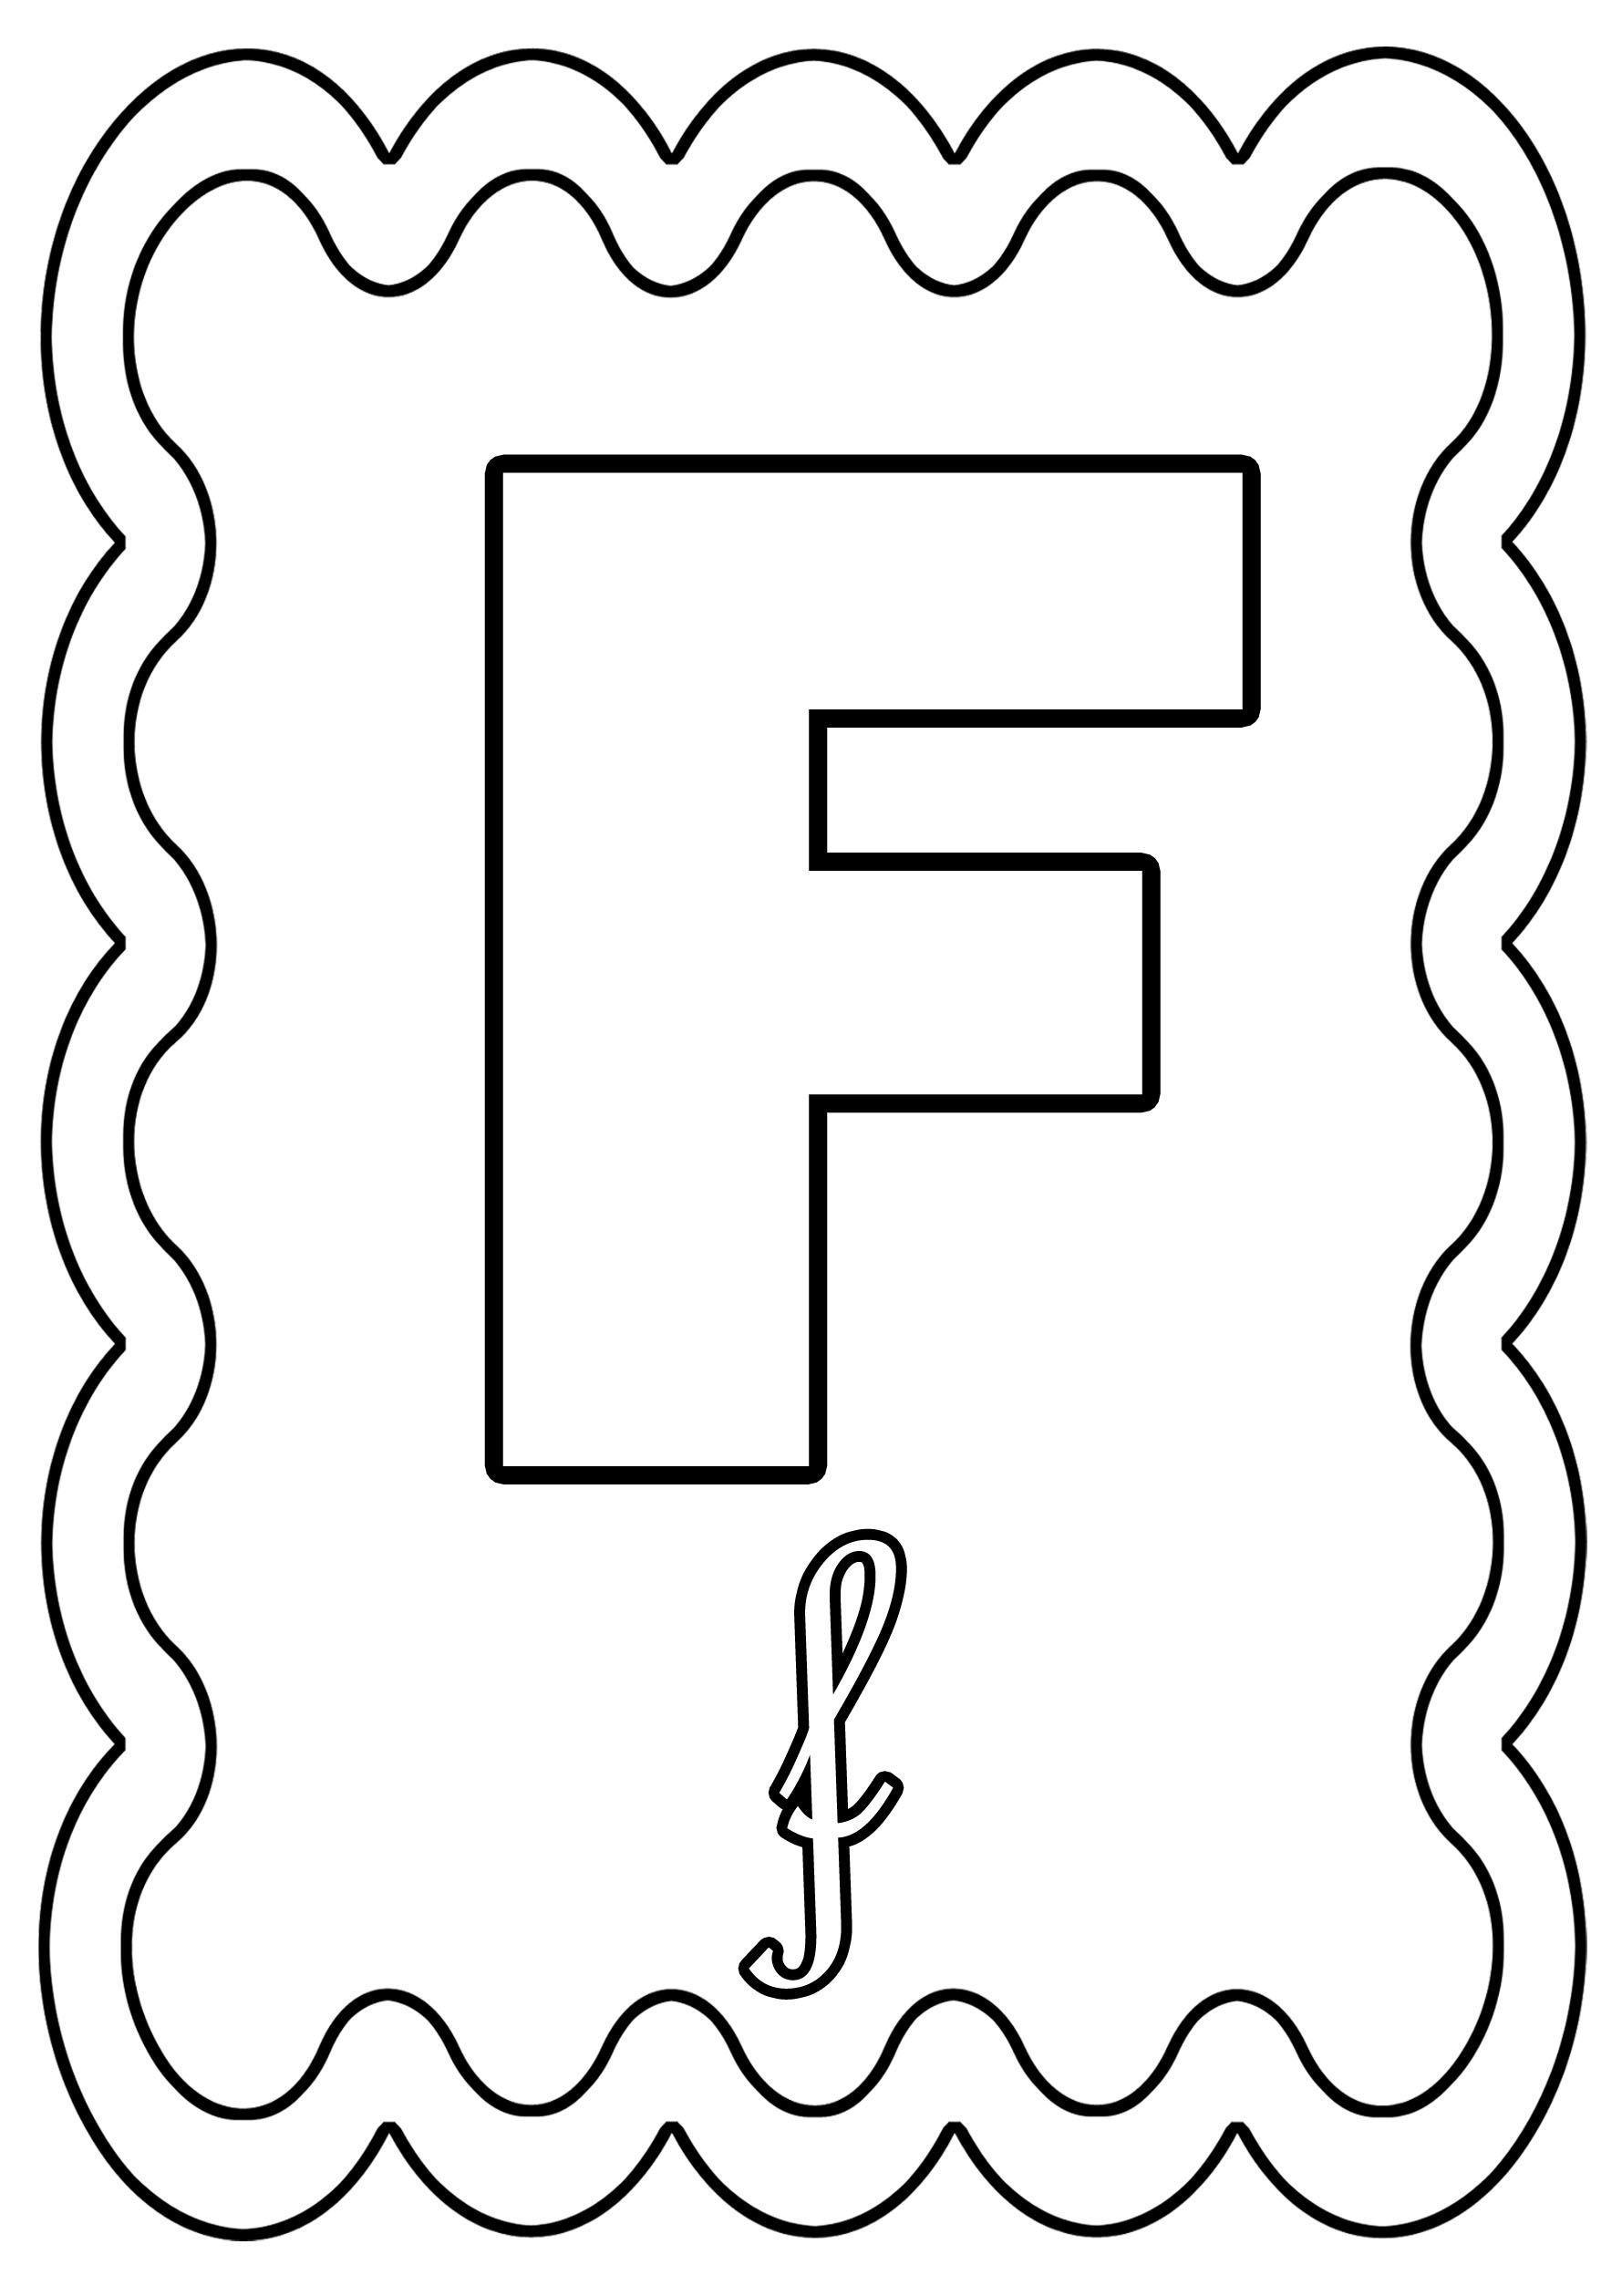 Coloriage Lettre F à colorier ou à gommettes.